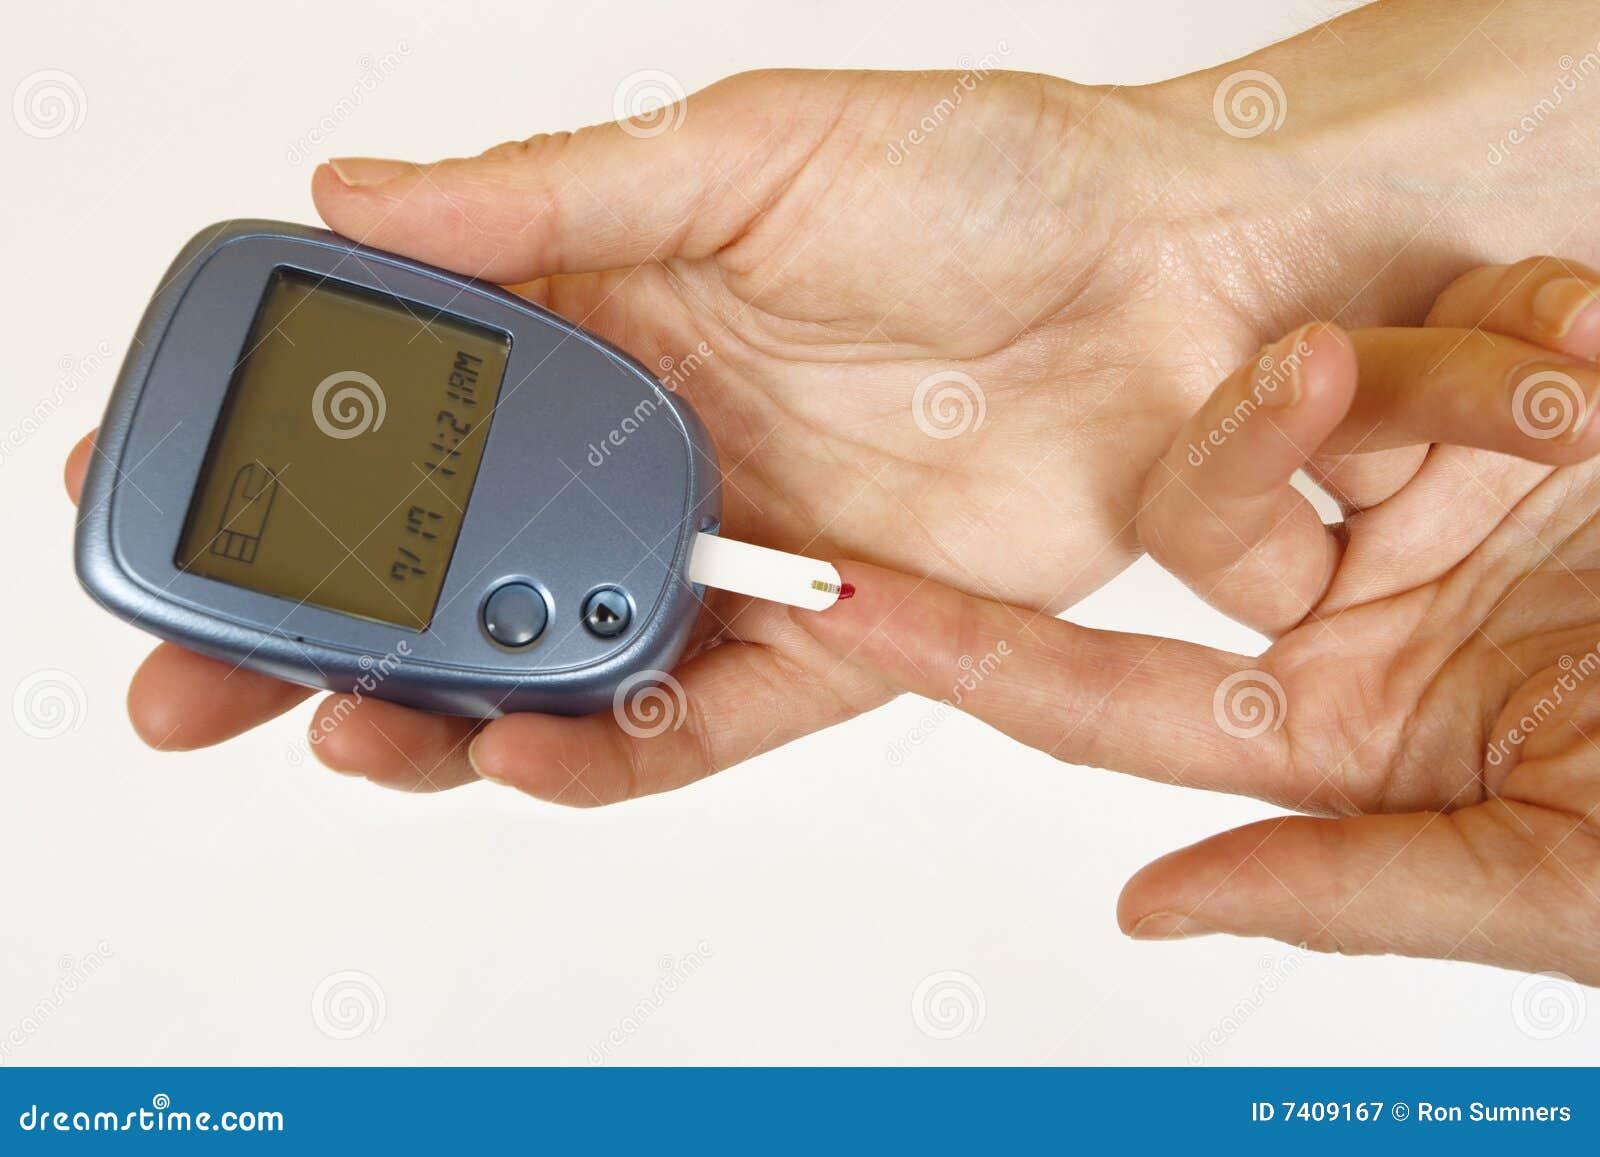 糖尿病自检